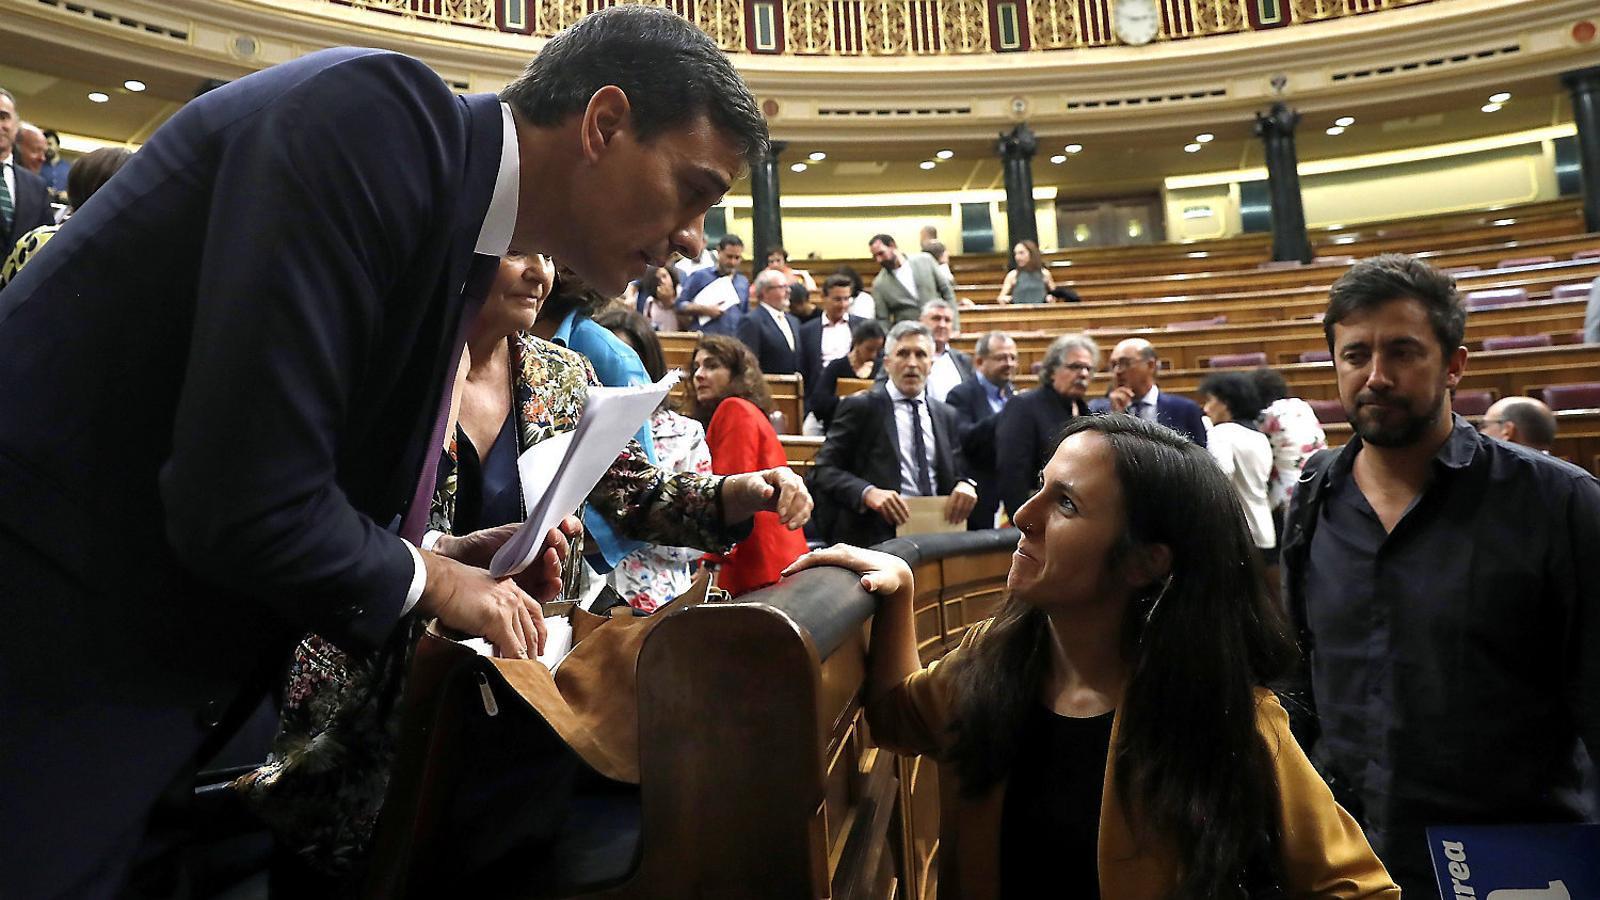 Pedro Sánchez, després de la seva compareixença al Congrés de dimarts, parlant amb dirigents de Podem.